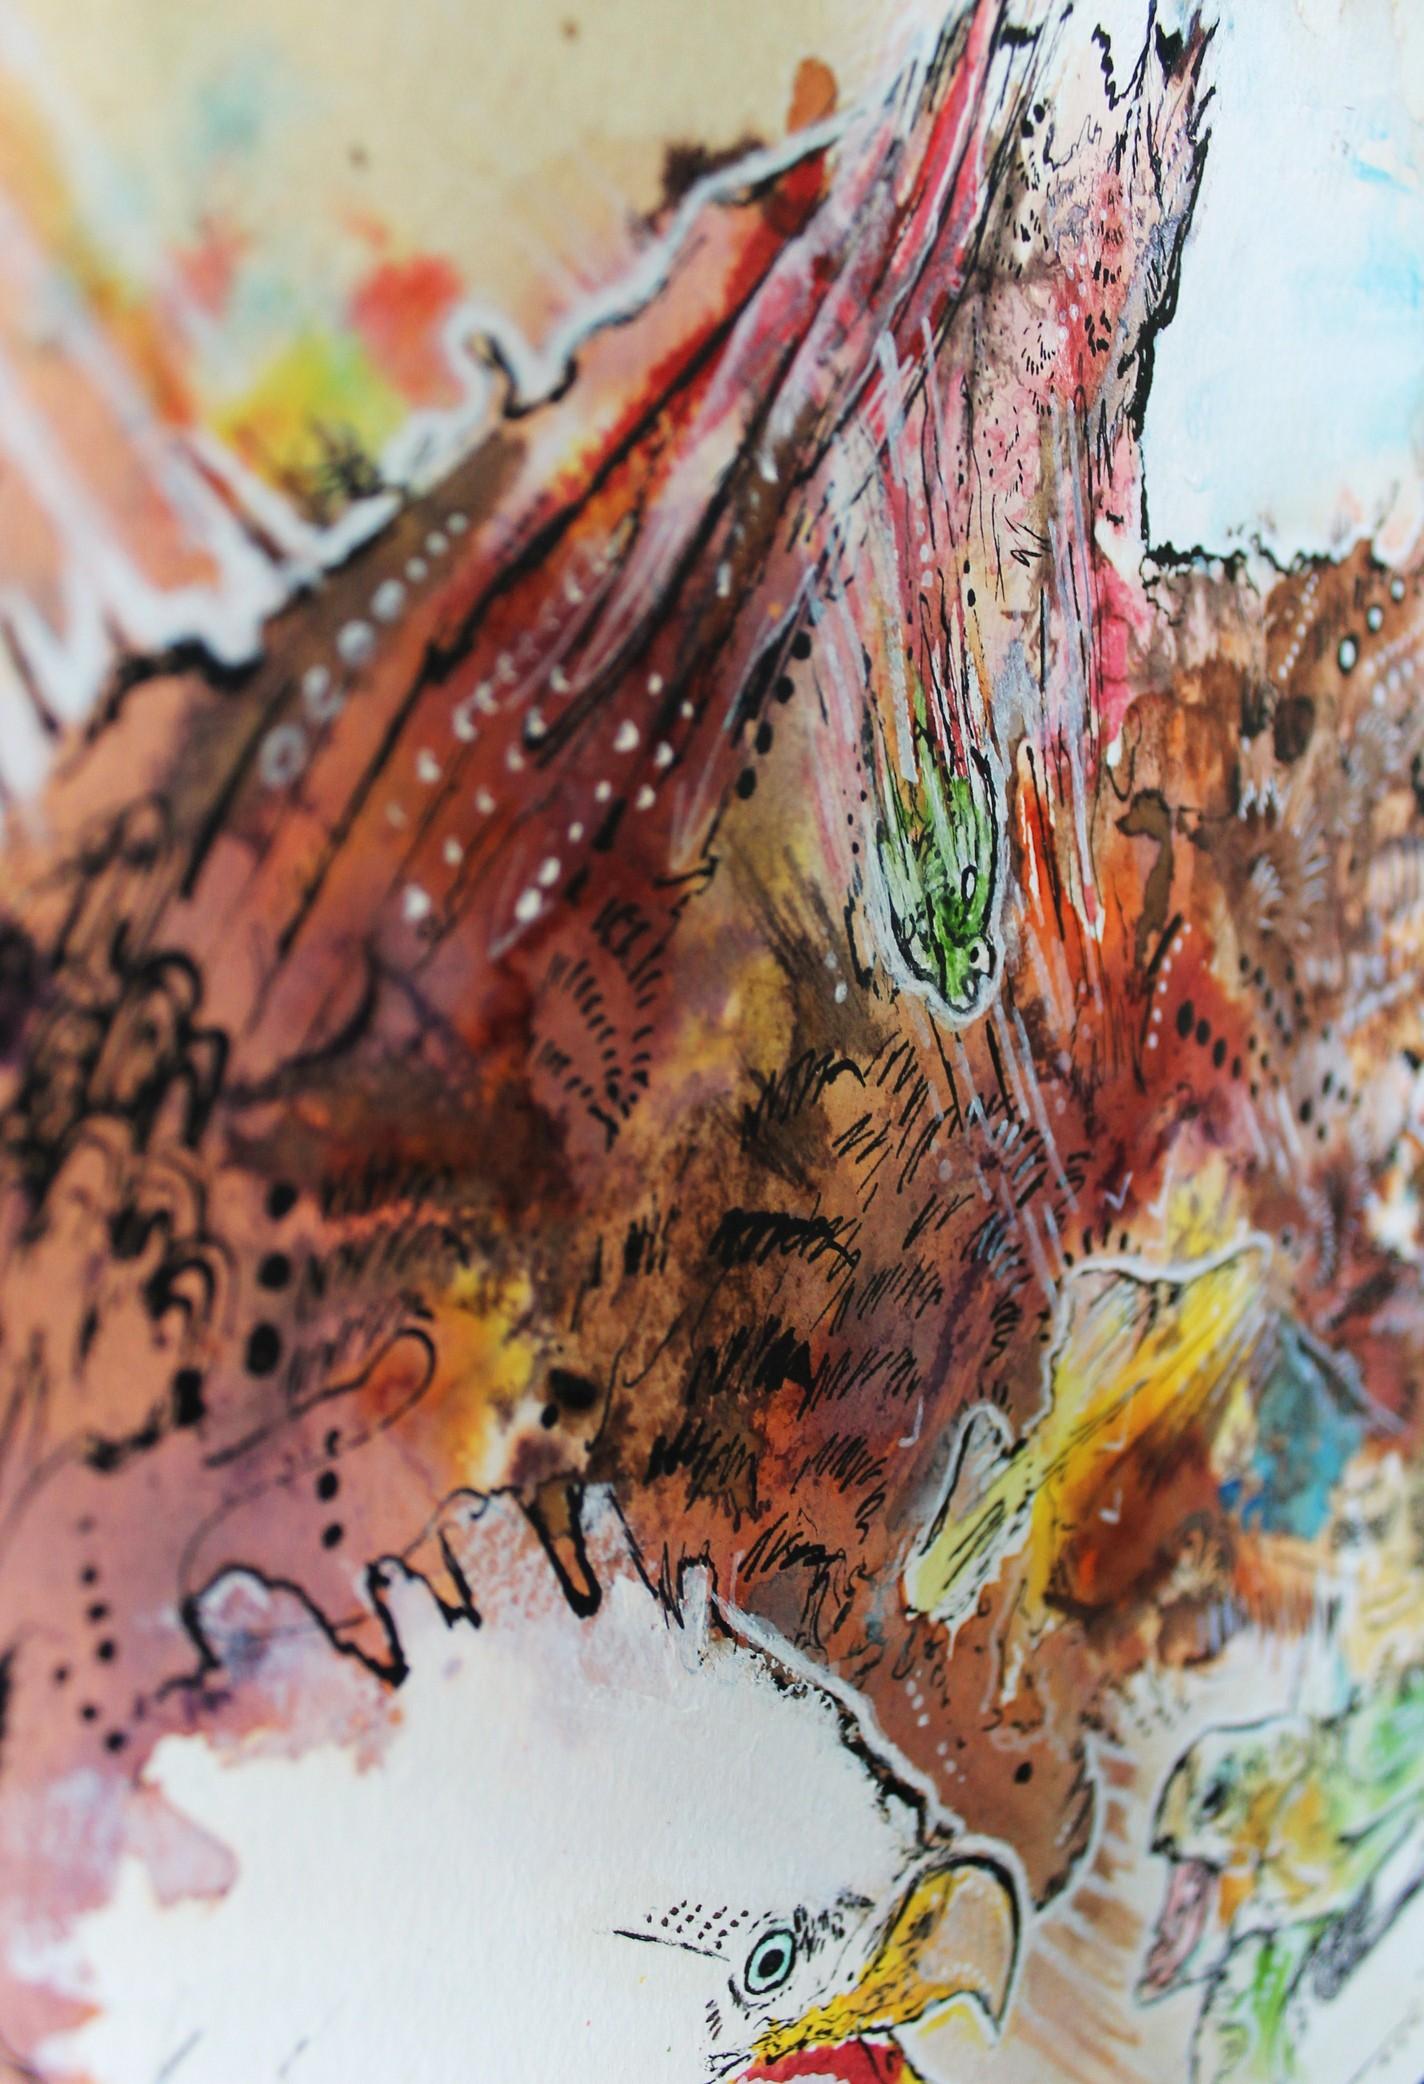 tortoise-eagle-detail5.jpg.JPG